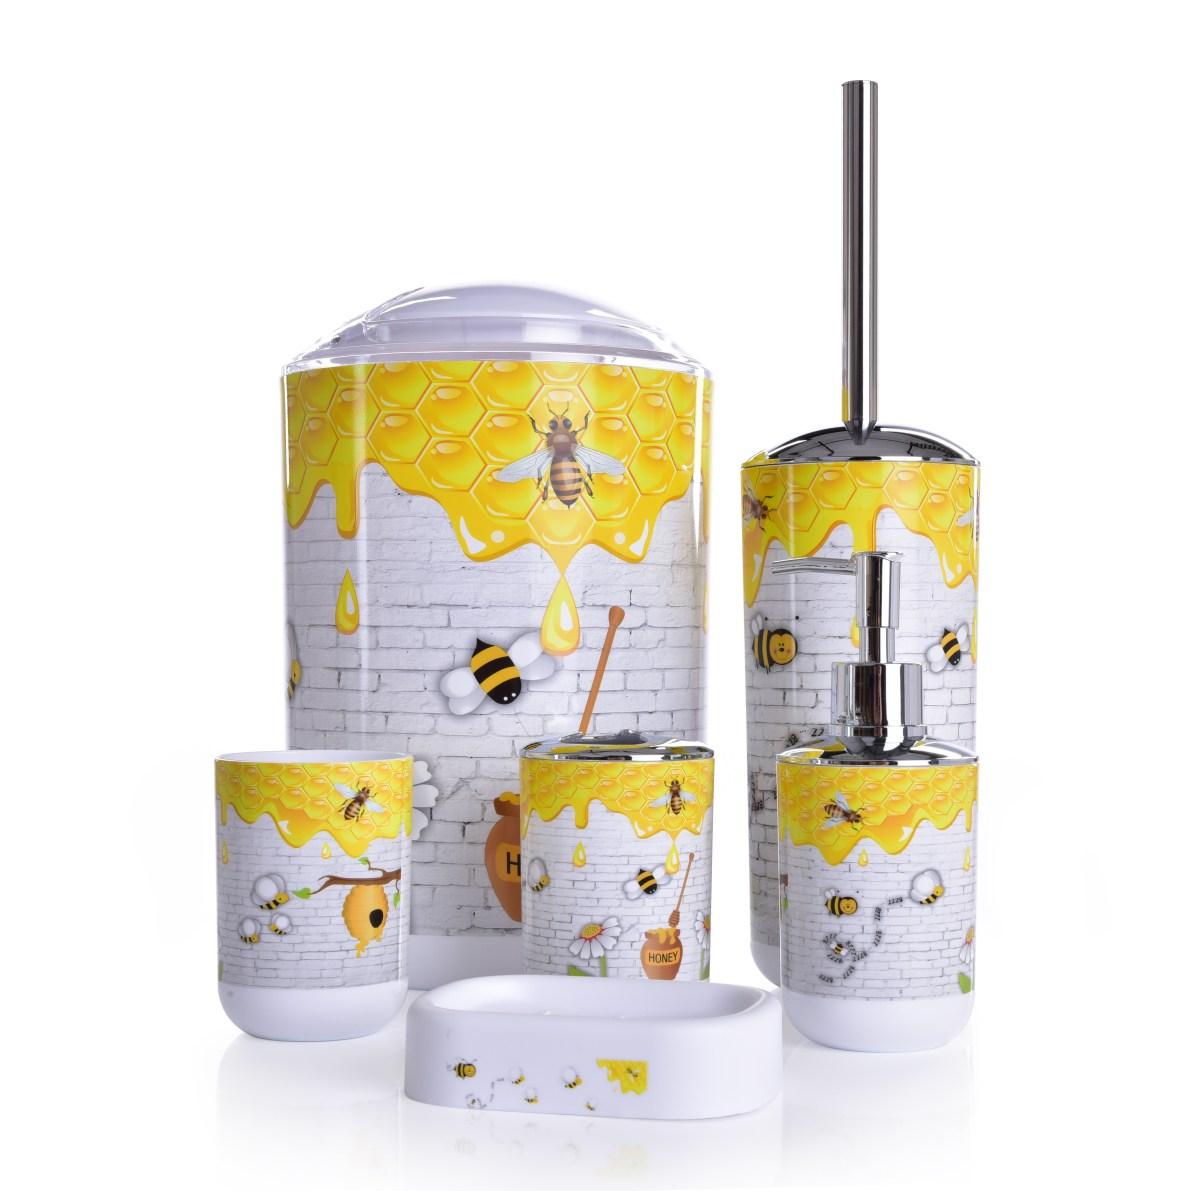 6 dílný koupelnový set se včelkami, HONEY BEE